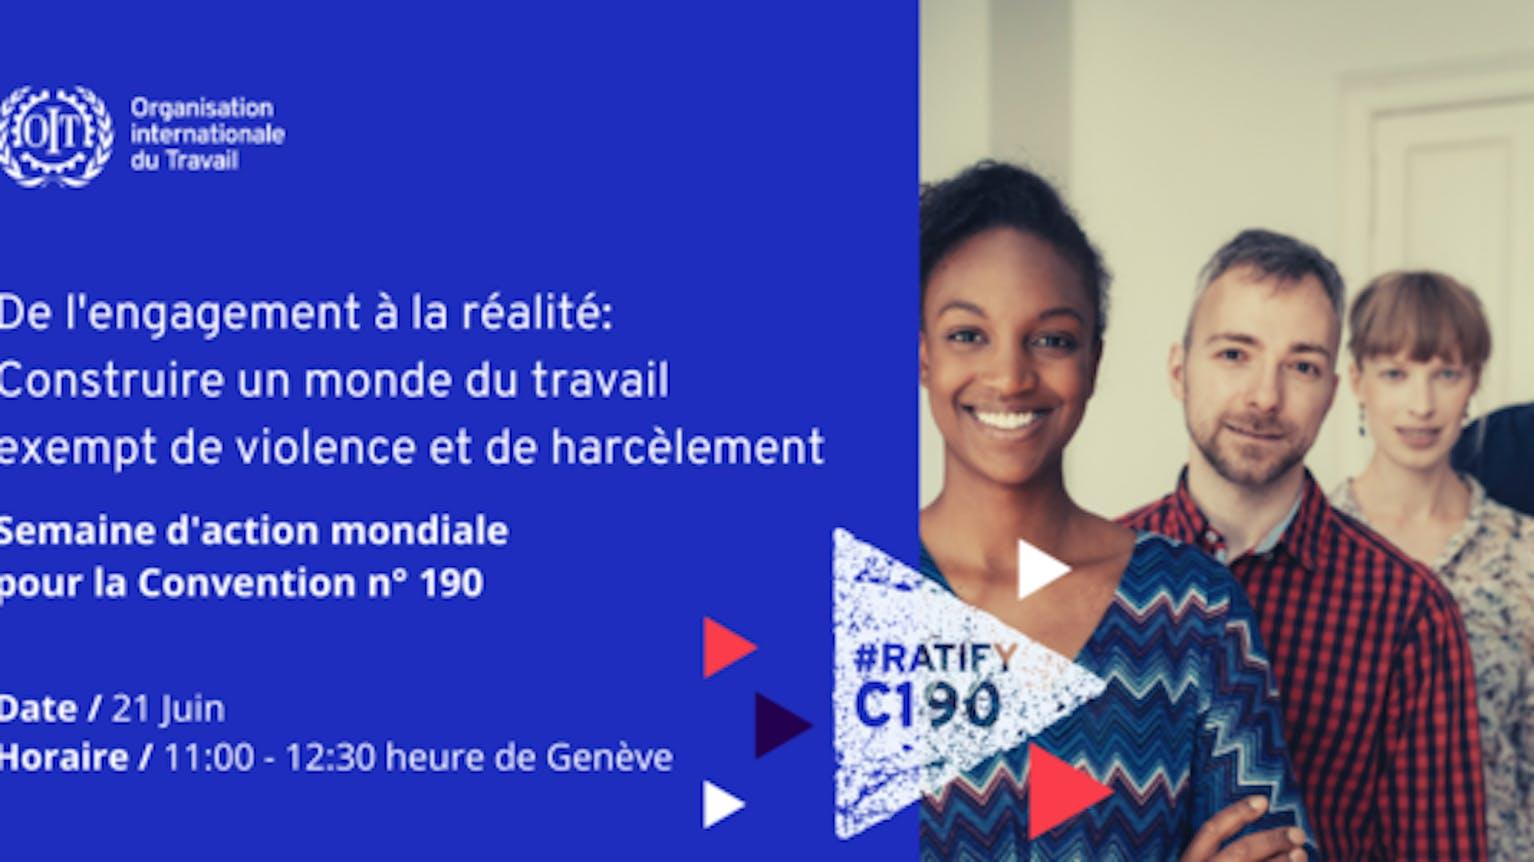 Alors que la convention n° 190 sur la violeL'OIT organise une semaine d'action mondiale pour lancer une campagne de ratification de la norme internationale contre la violence et le harcèlement au travail.